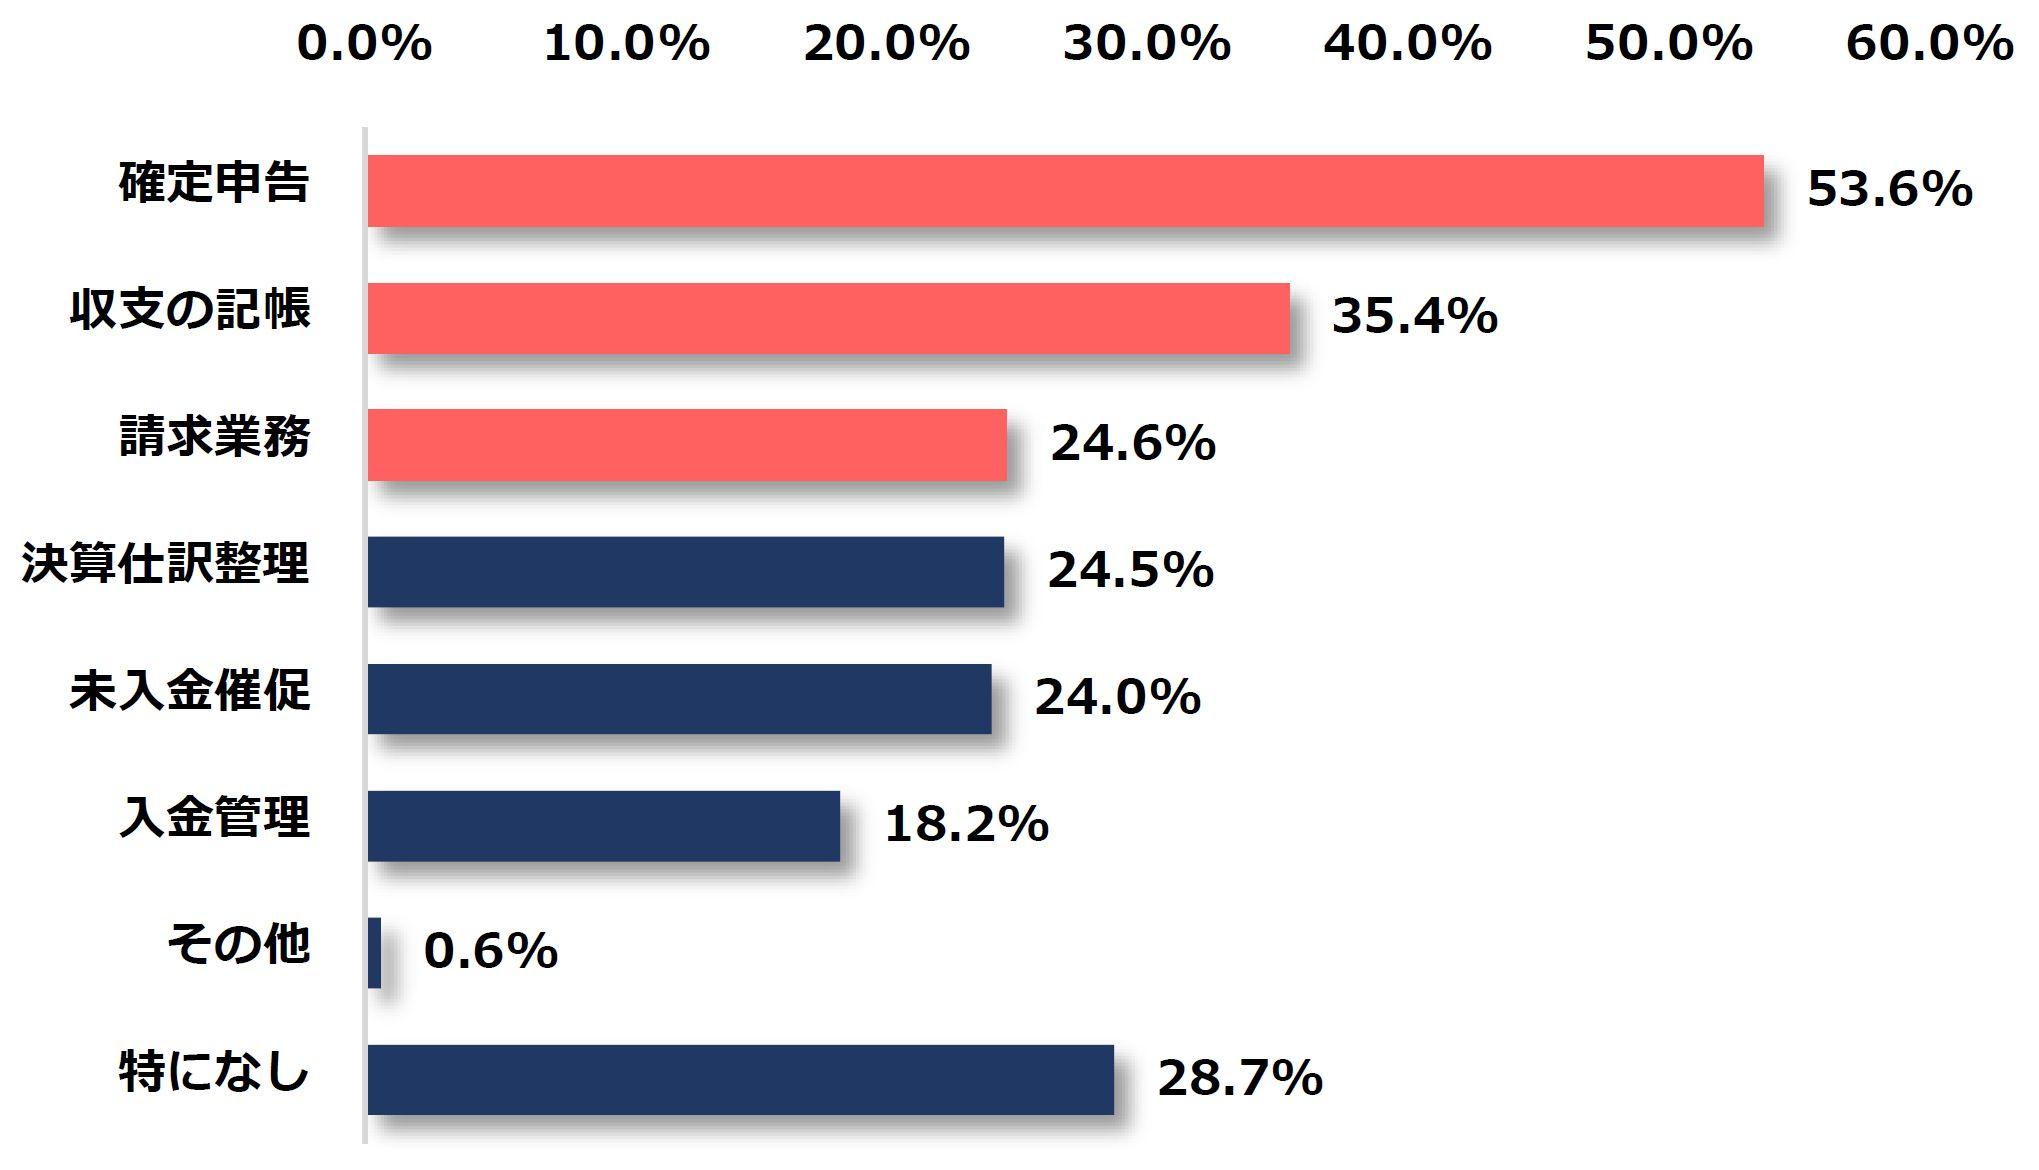 """フリーランスがお金の管理でストレスを感じる業務第1位は""""確定申告"""" pasture(パスチャー)調べ 「フリーランスのお金の管理に関する意識調査」 65%以上のフリーランスが会計や経理業務に対して苦手意識あり"""